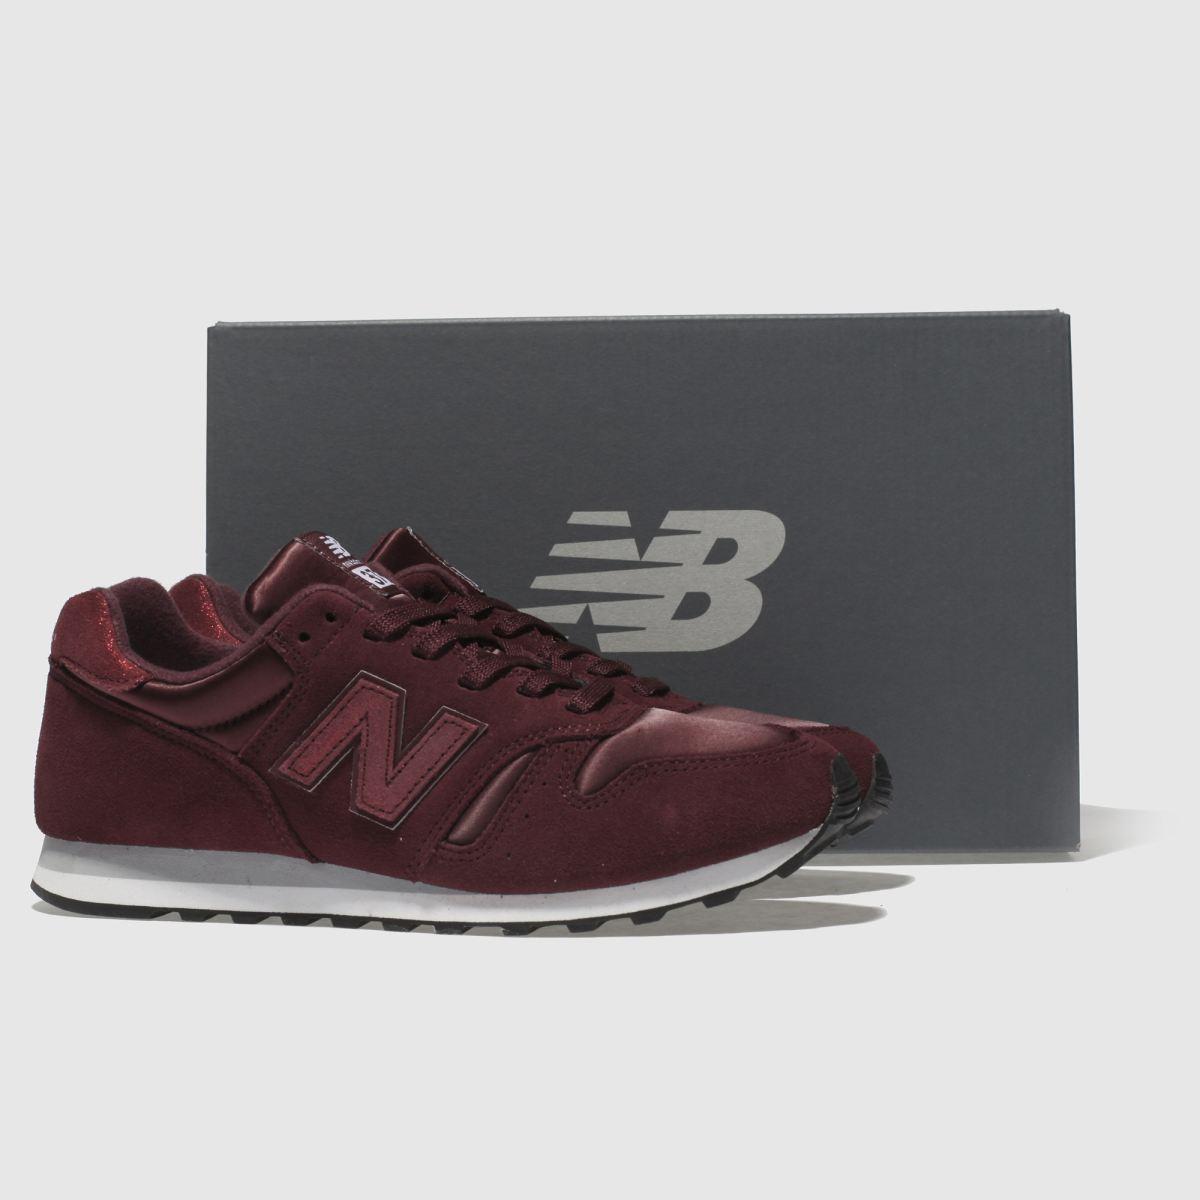 Damen Weinrot new balance 373 V1 Shimmer Sneaker   Schuhe schuh Gute Qualität beliebte Schuhe   4b282d